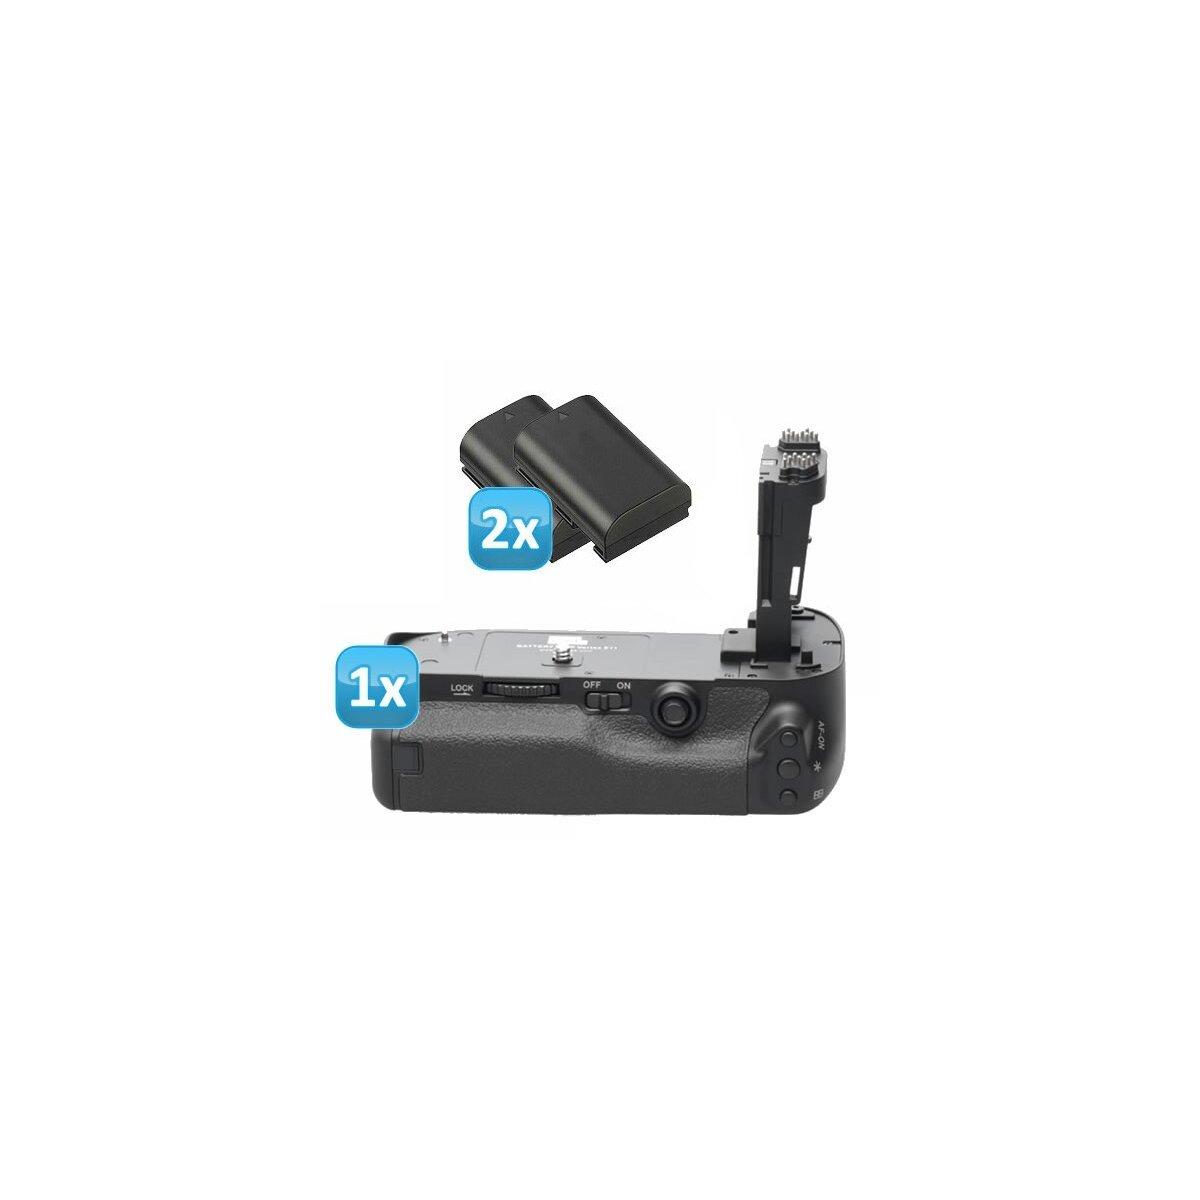 Qualitäts Profi Batteriegriff von Vertax kompatibel mit Canon EOS 5D Mark III - Multifunktions-Handgriff fuer 5D Mark 3 Ersatz für BG-E11 + 2 LP-E6 Akkus (Nachbau)